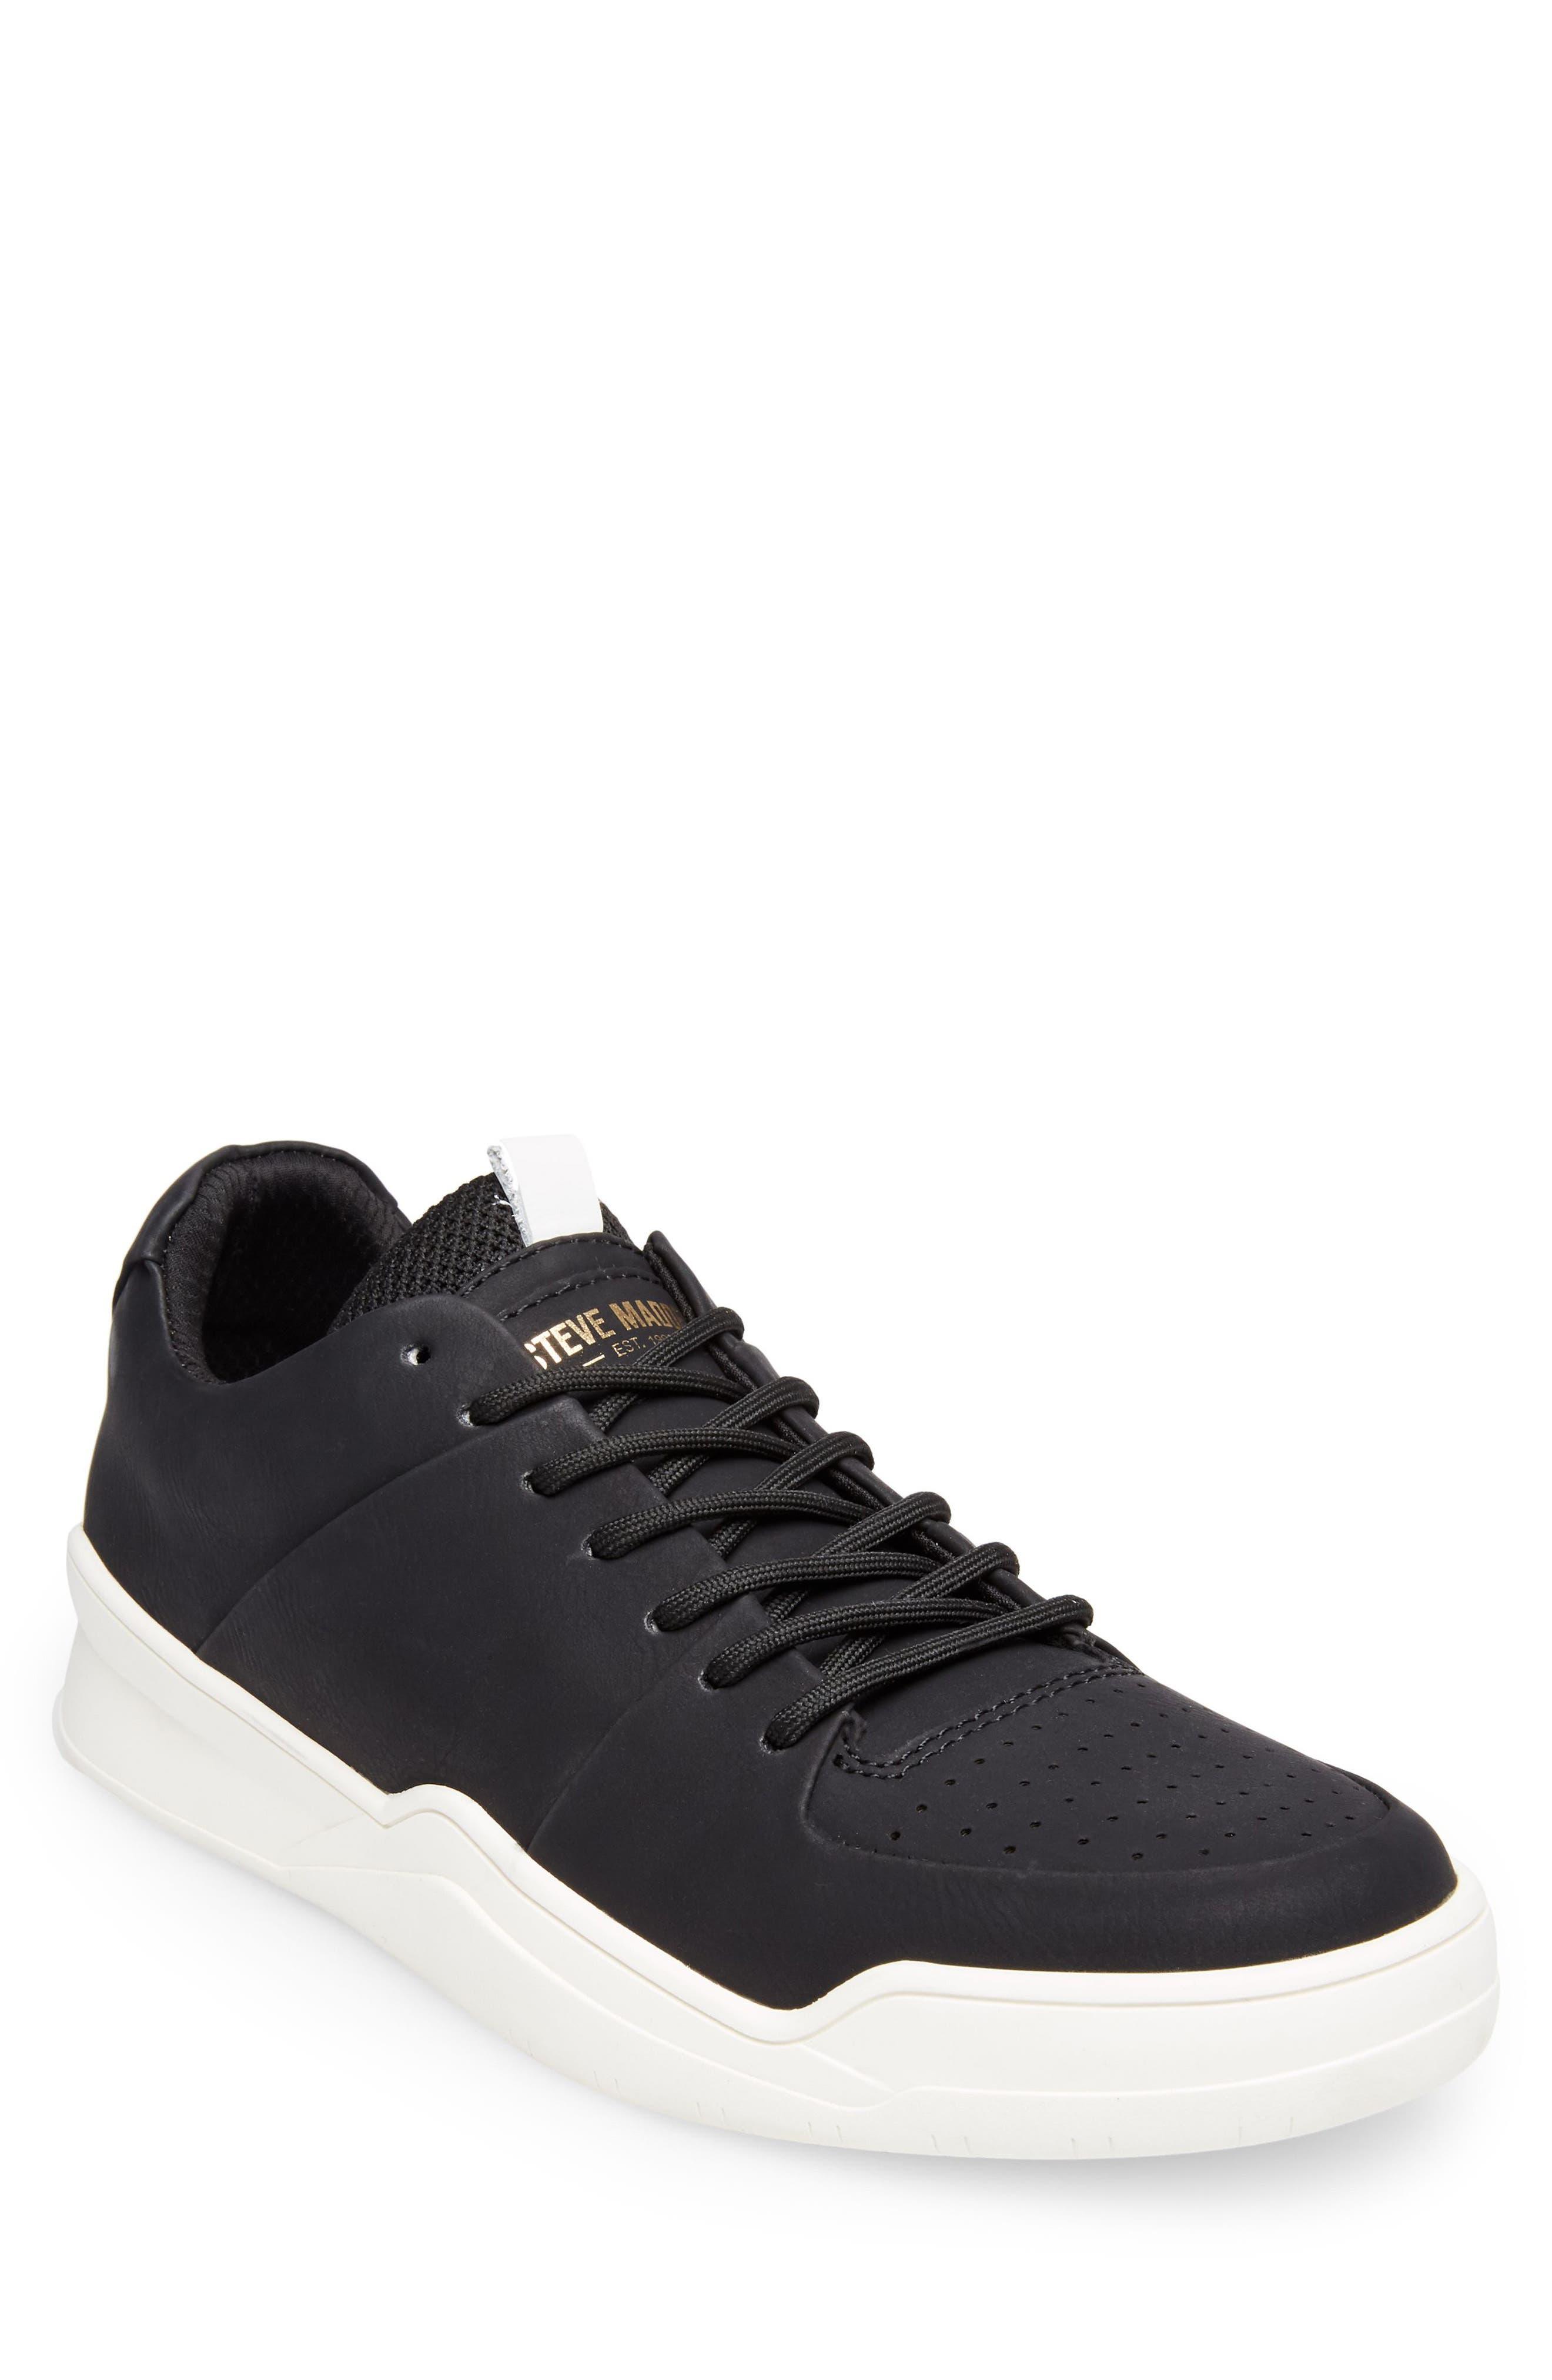 Vantage Sneaker,                         Main,                         color, 001